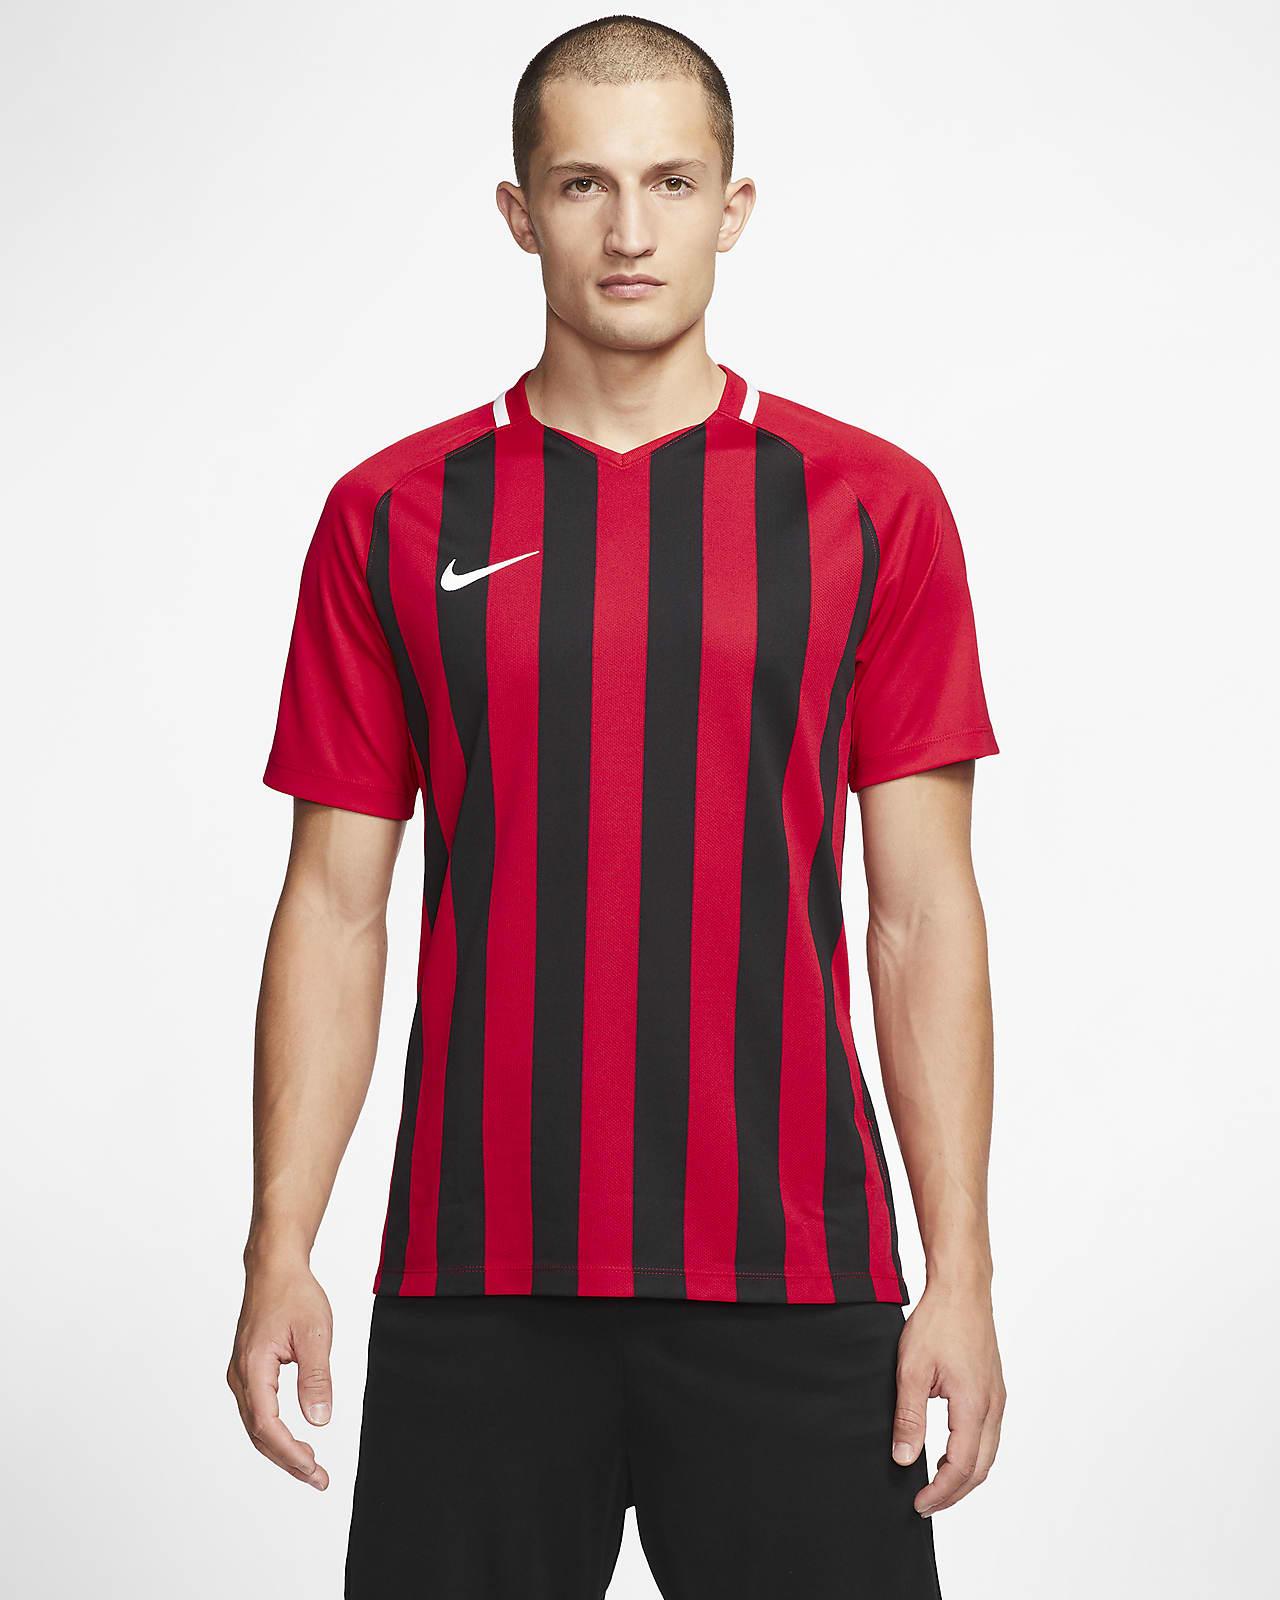 Męska koszulka piłkarska Nike Striped Division 3